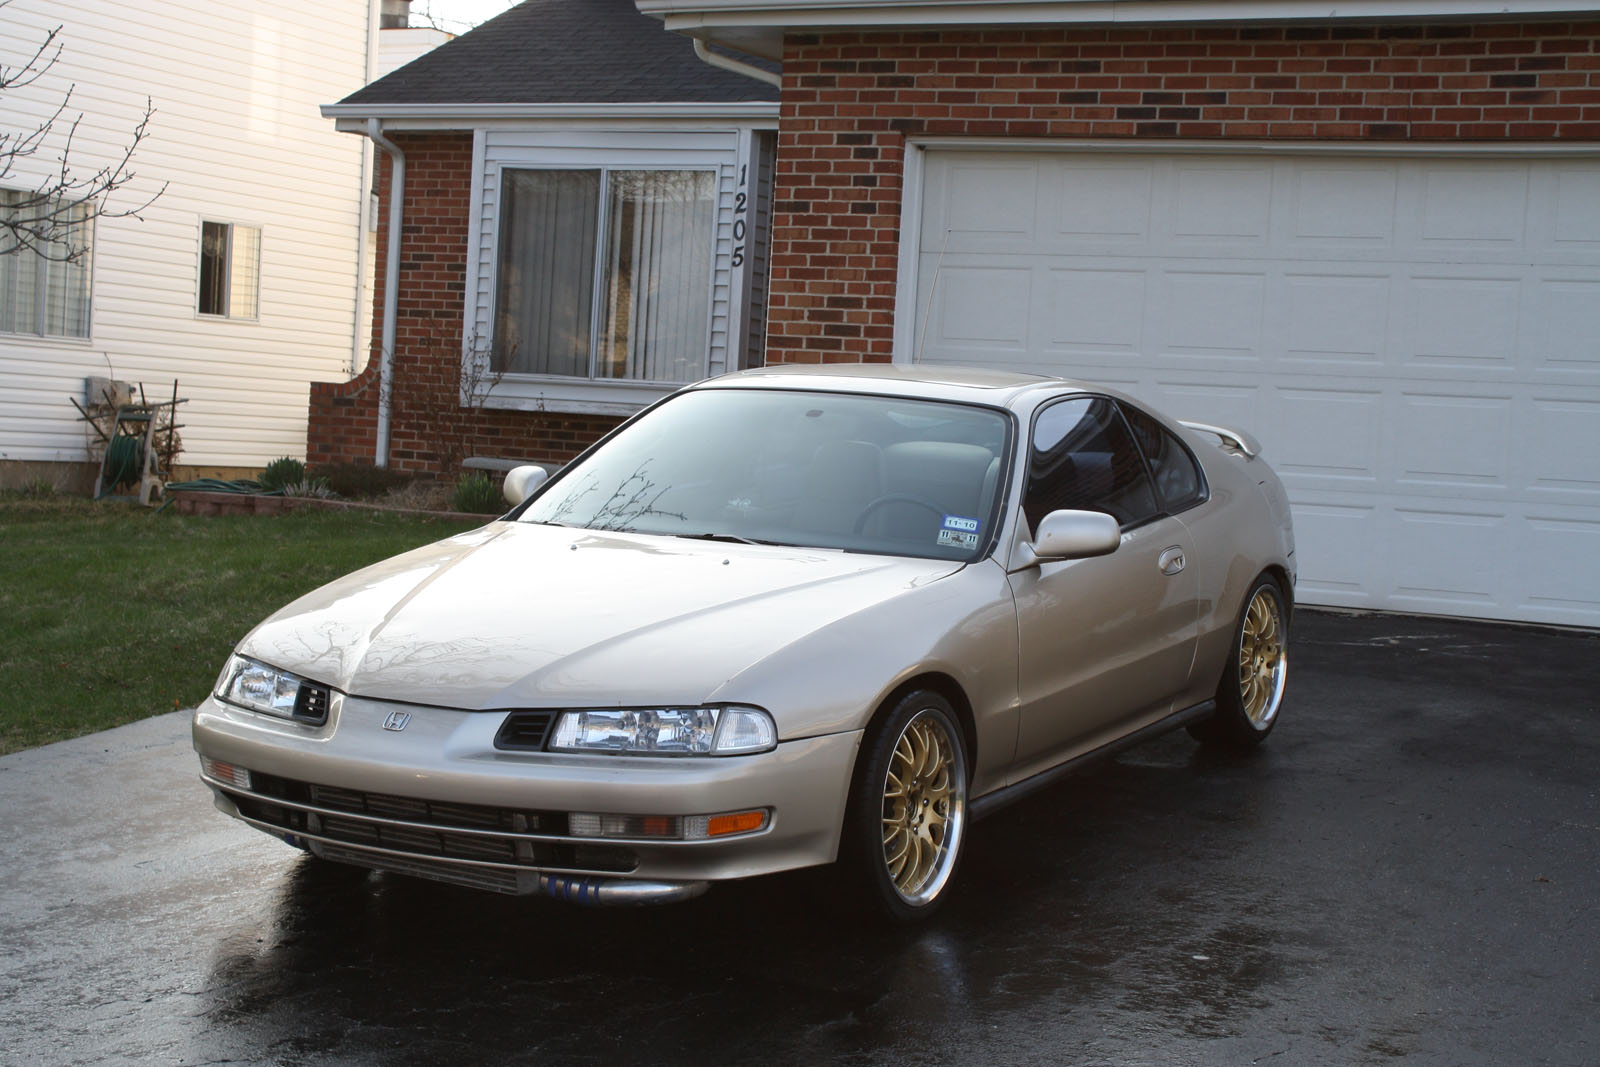 1995 Honda Prelude Turbo Fully Built For Sale